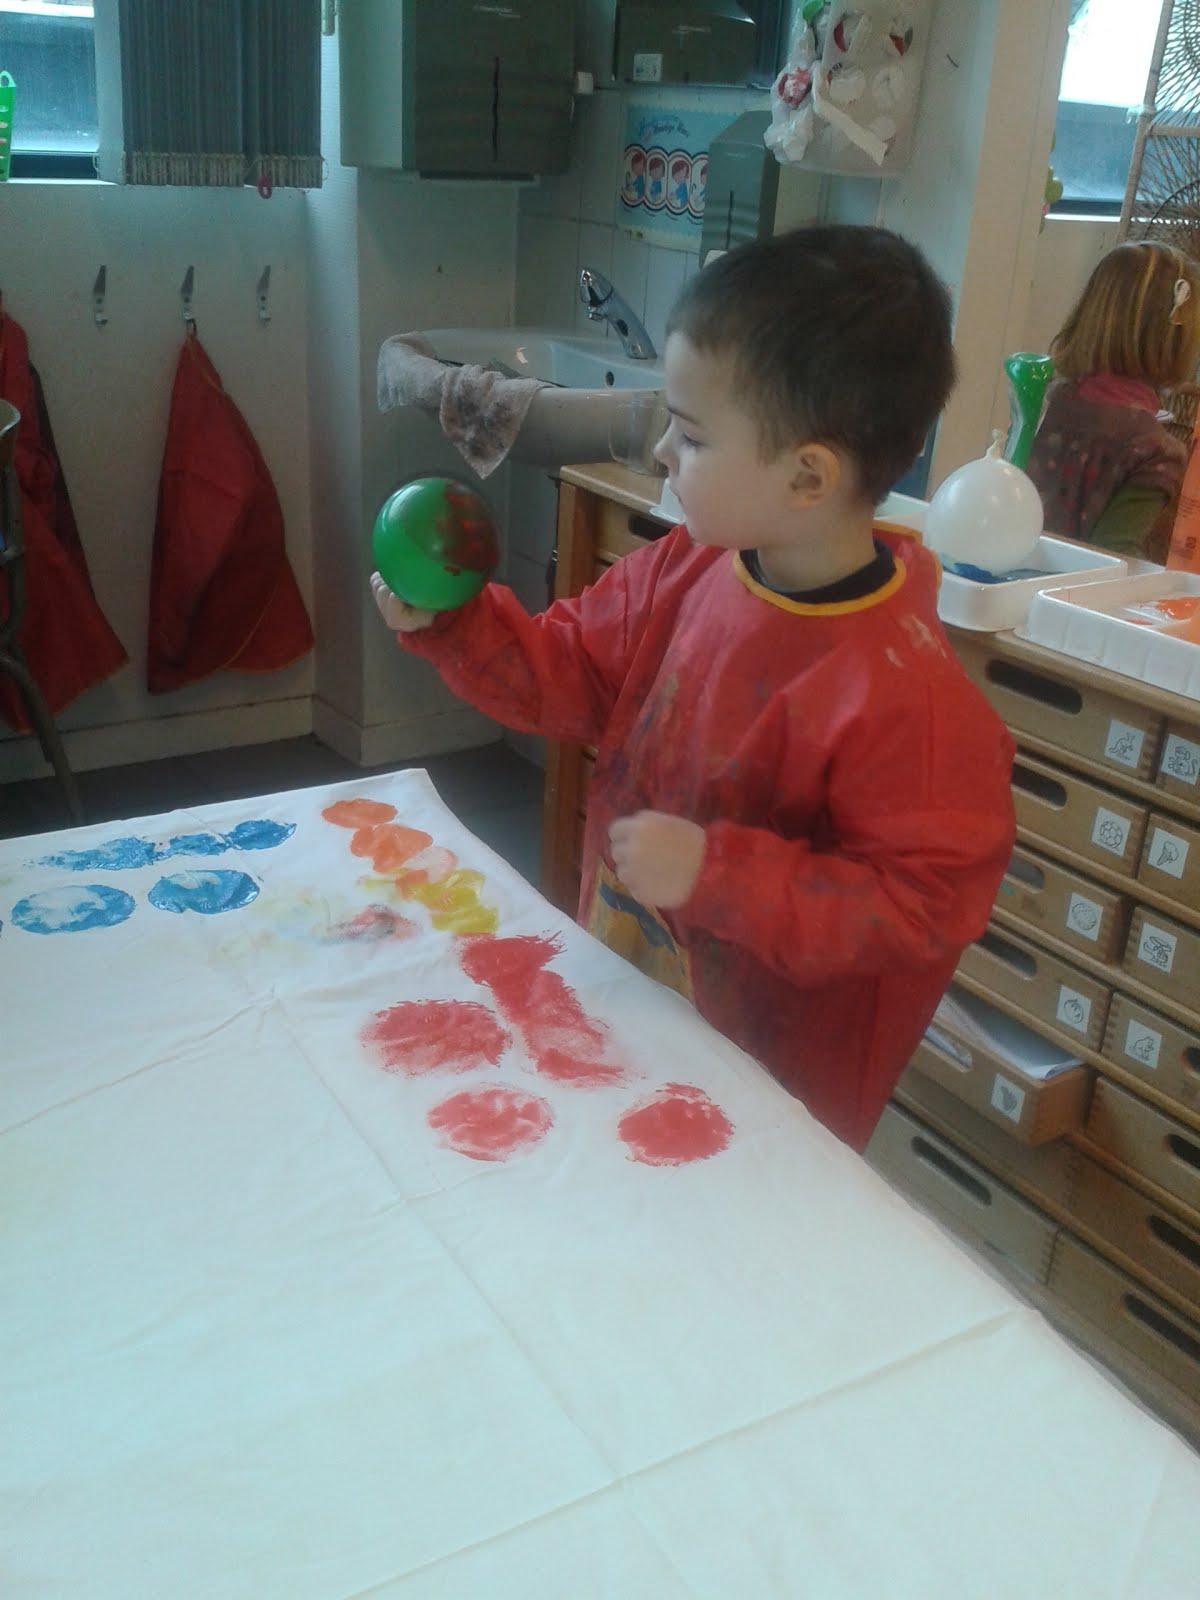 Techniek/ stempelen met waterballons/ hoe meer water hoe groter verfvlek